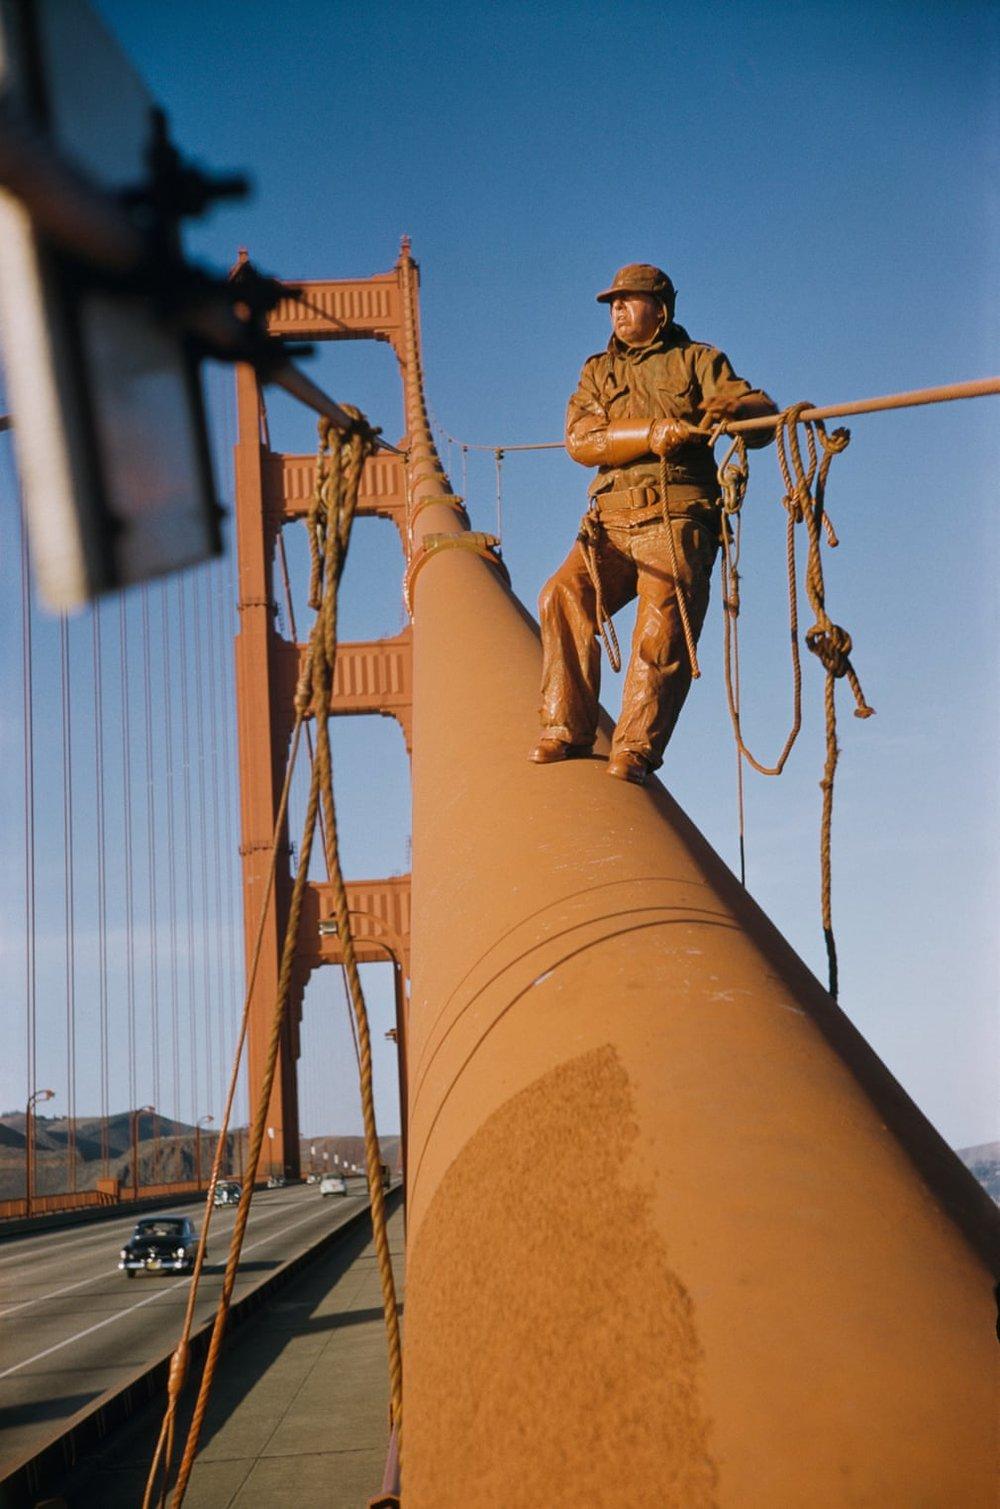 Художник на мосту Золоті ворота, Сан-Франциско, 1953.